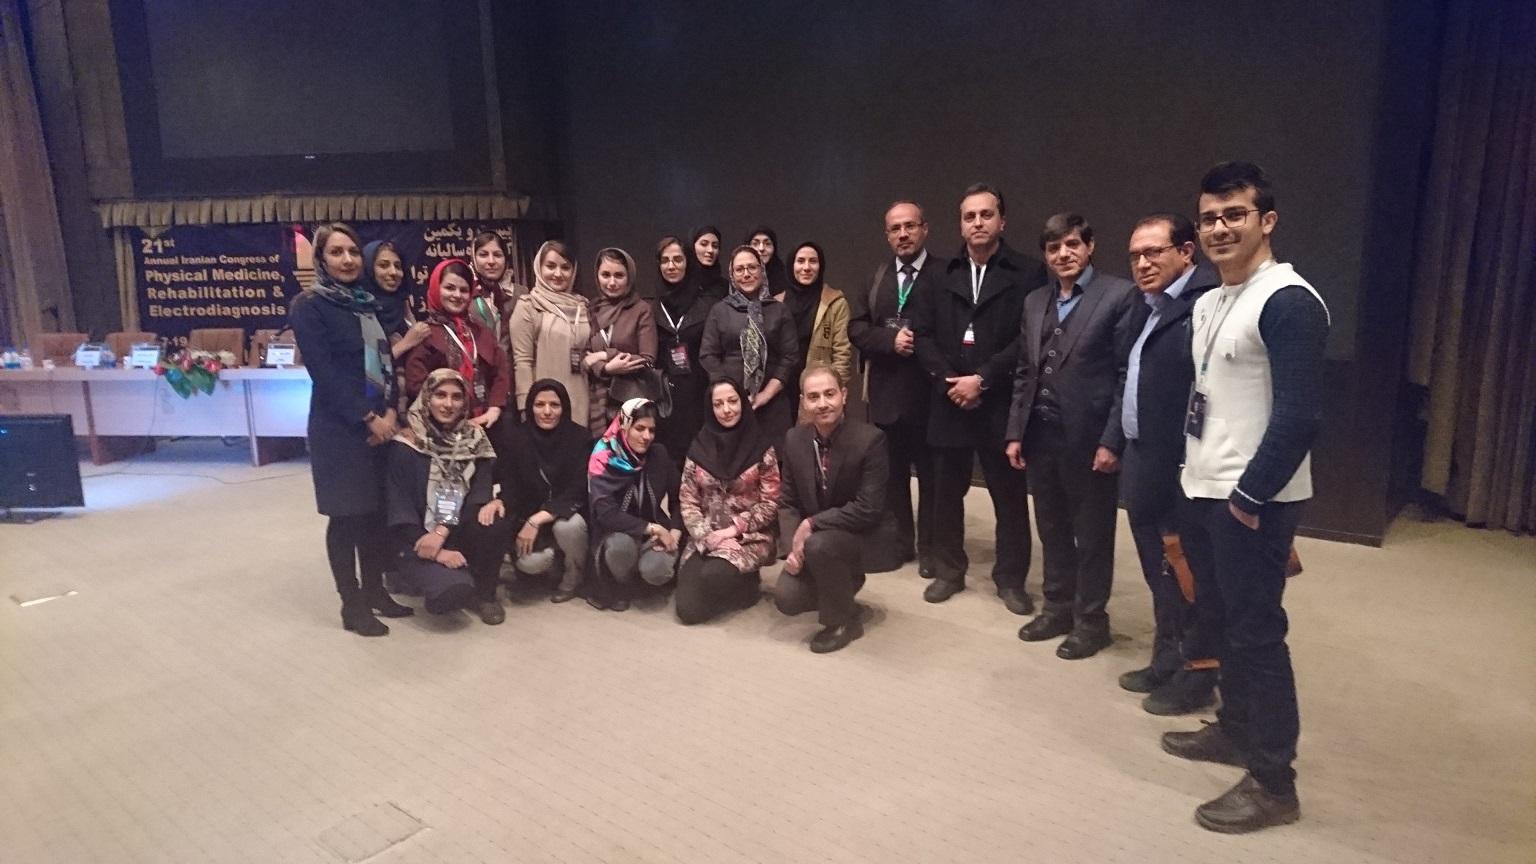 کنگره سالانه طب فیزیکی و توانبخشی ایران-1396